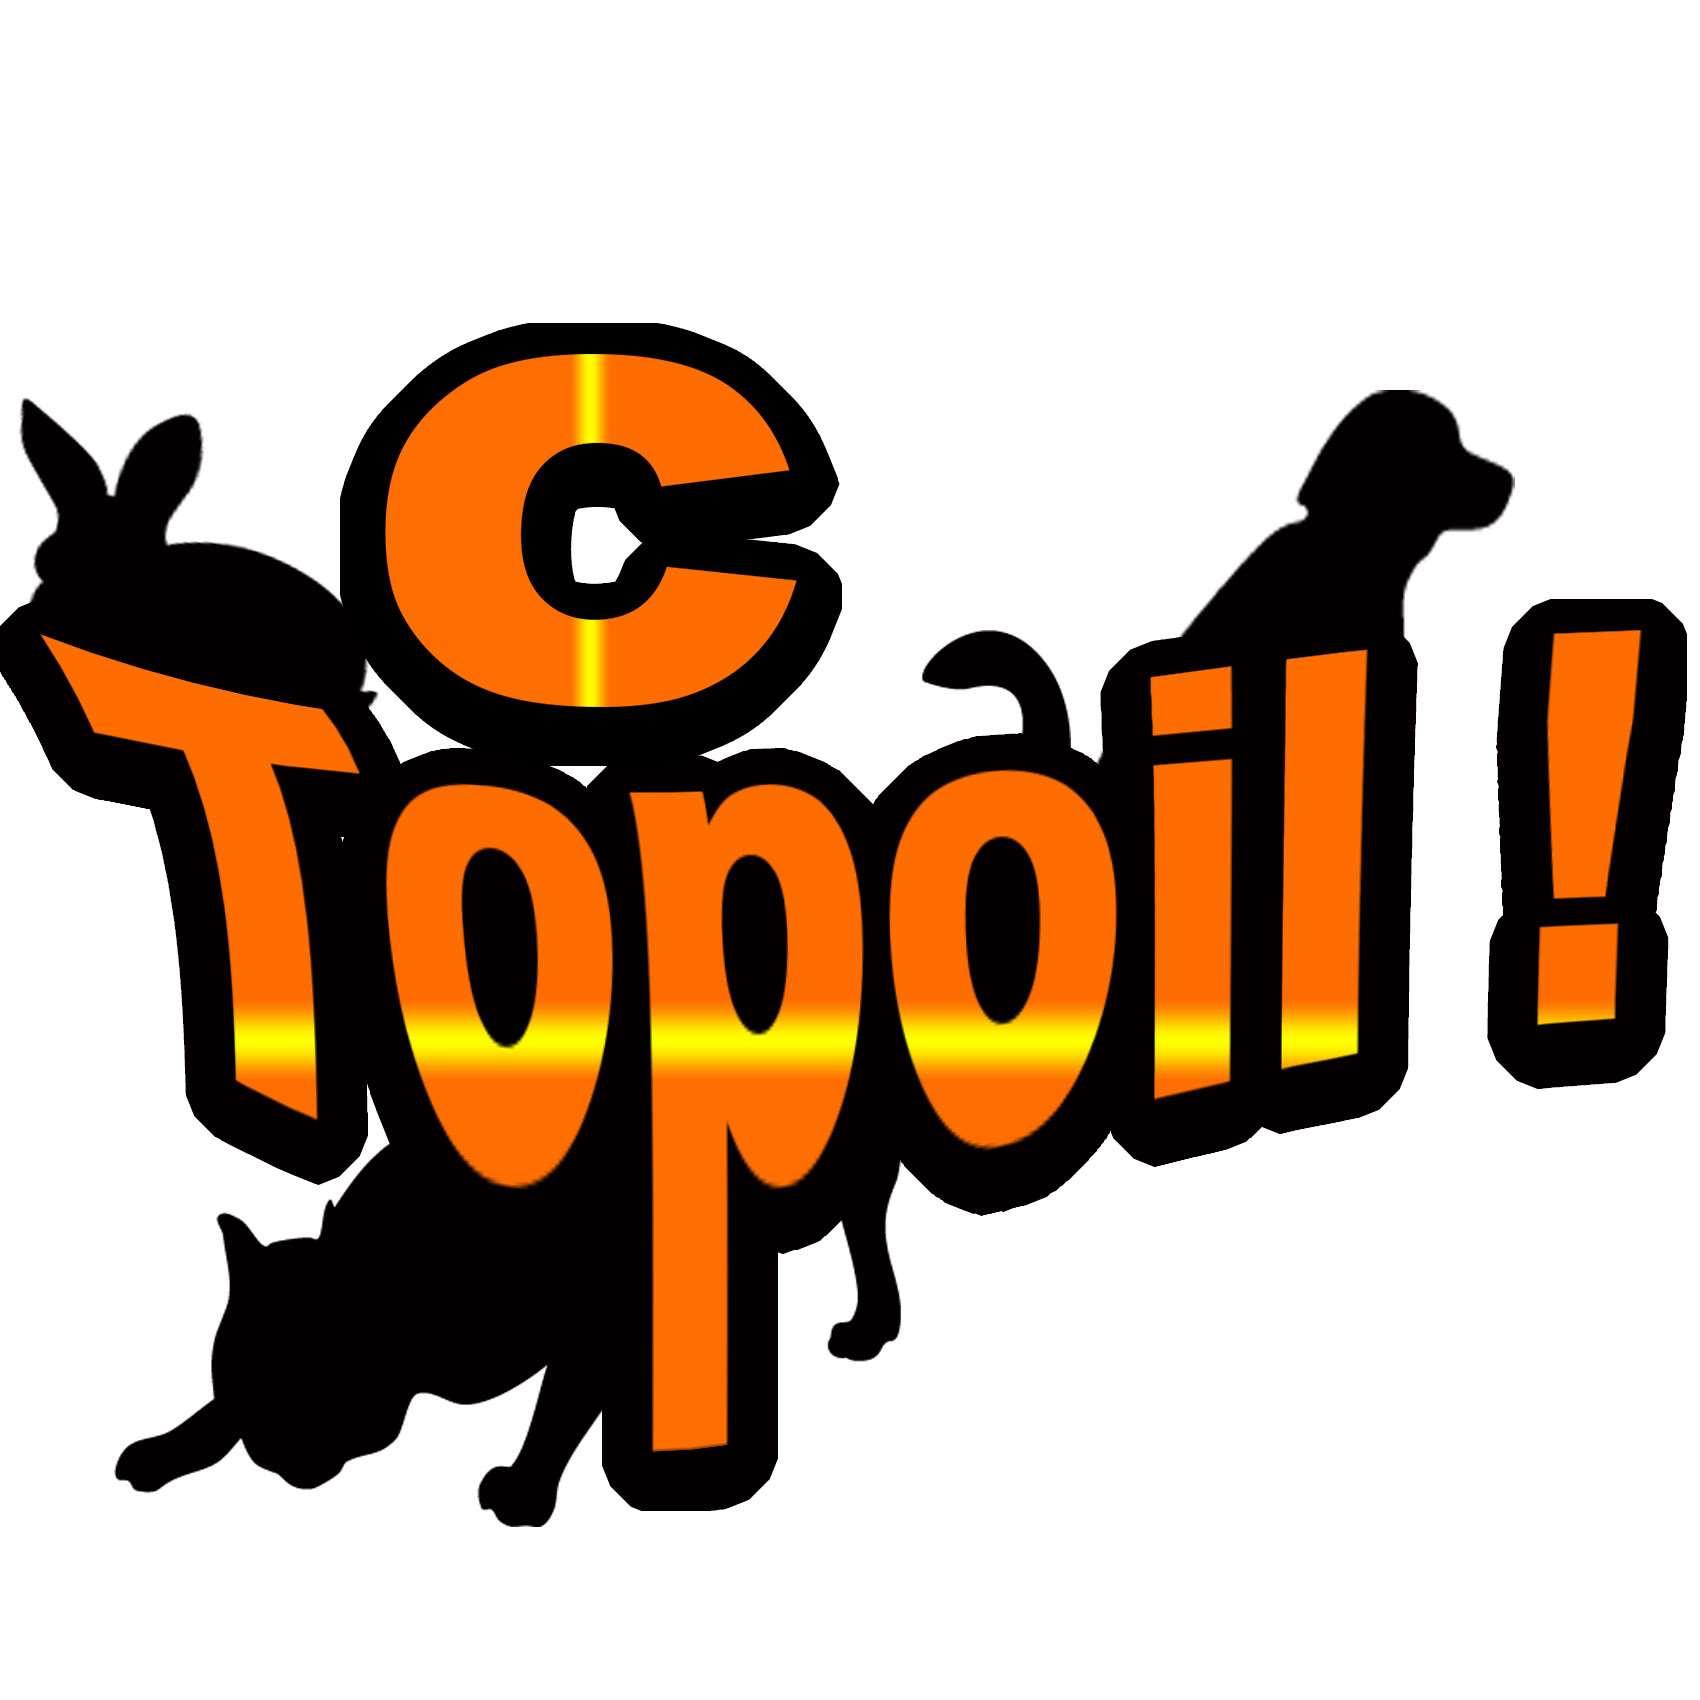 C'Topoil